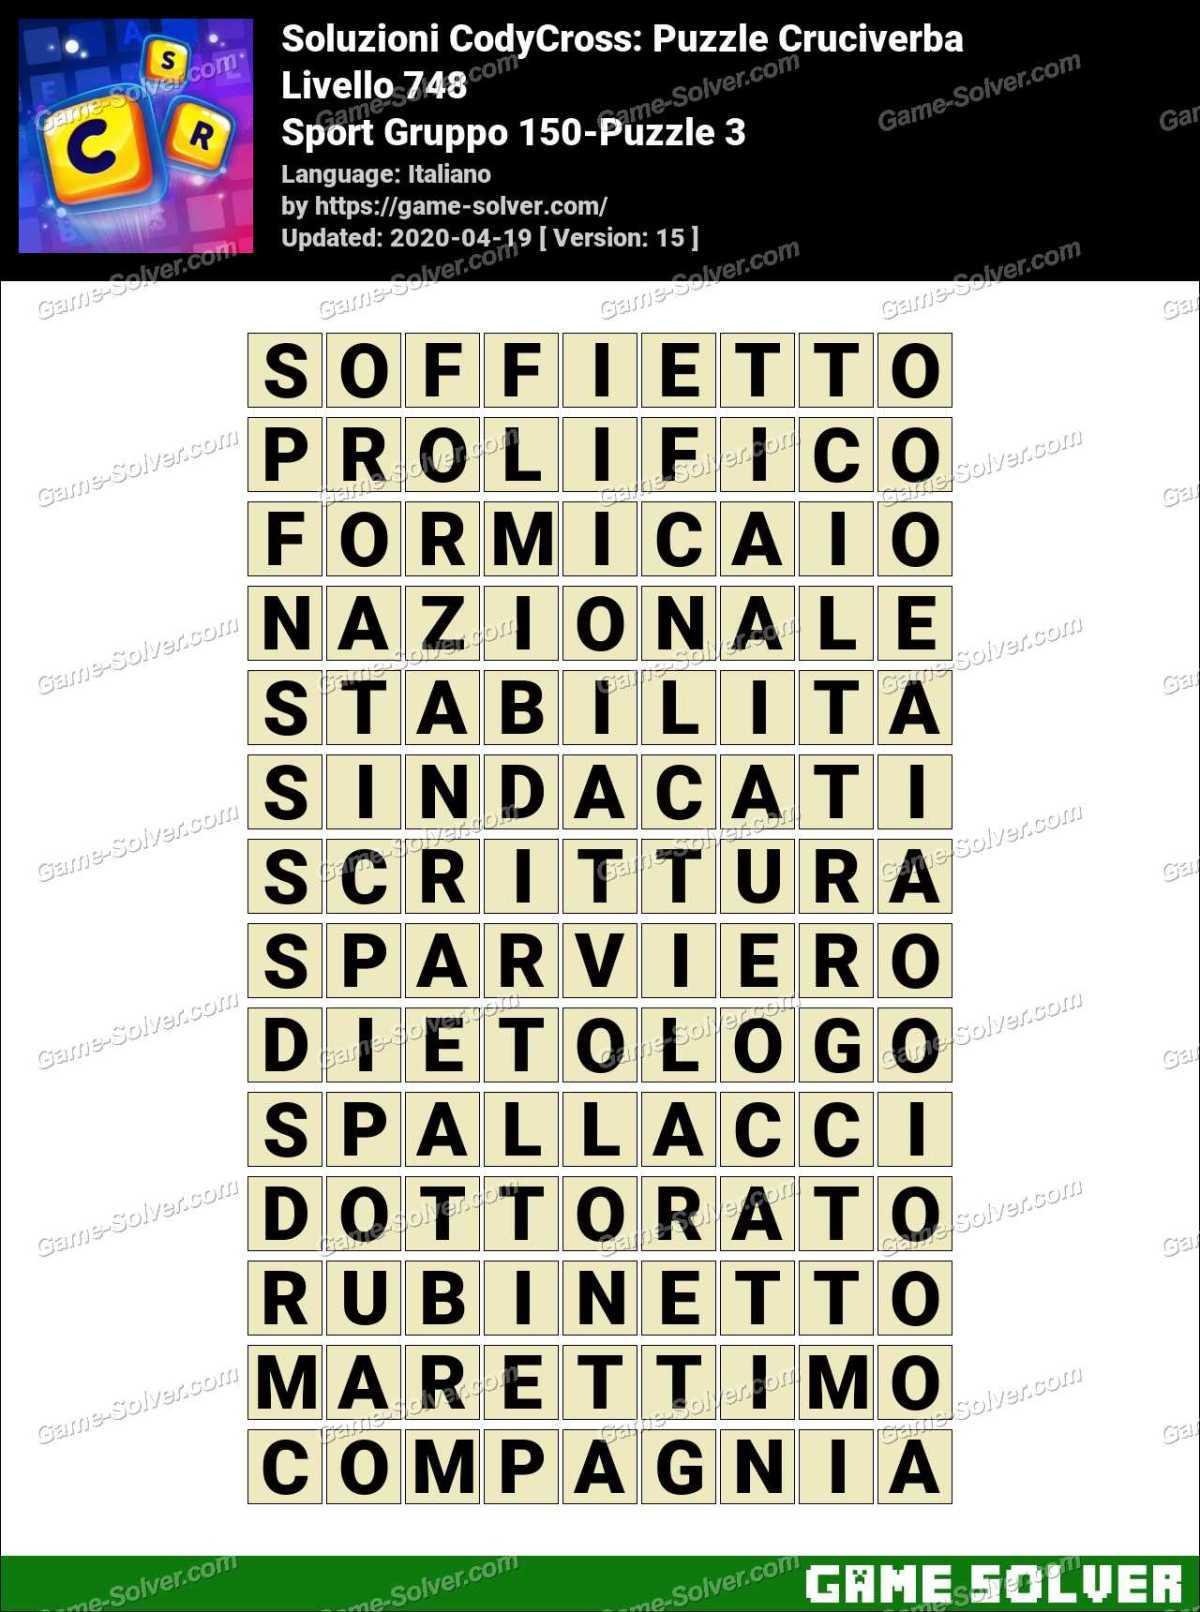 Soluzioni CodyCross Sport Gruppo 150-Puzzle 3